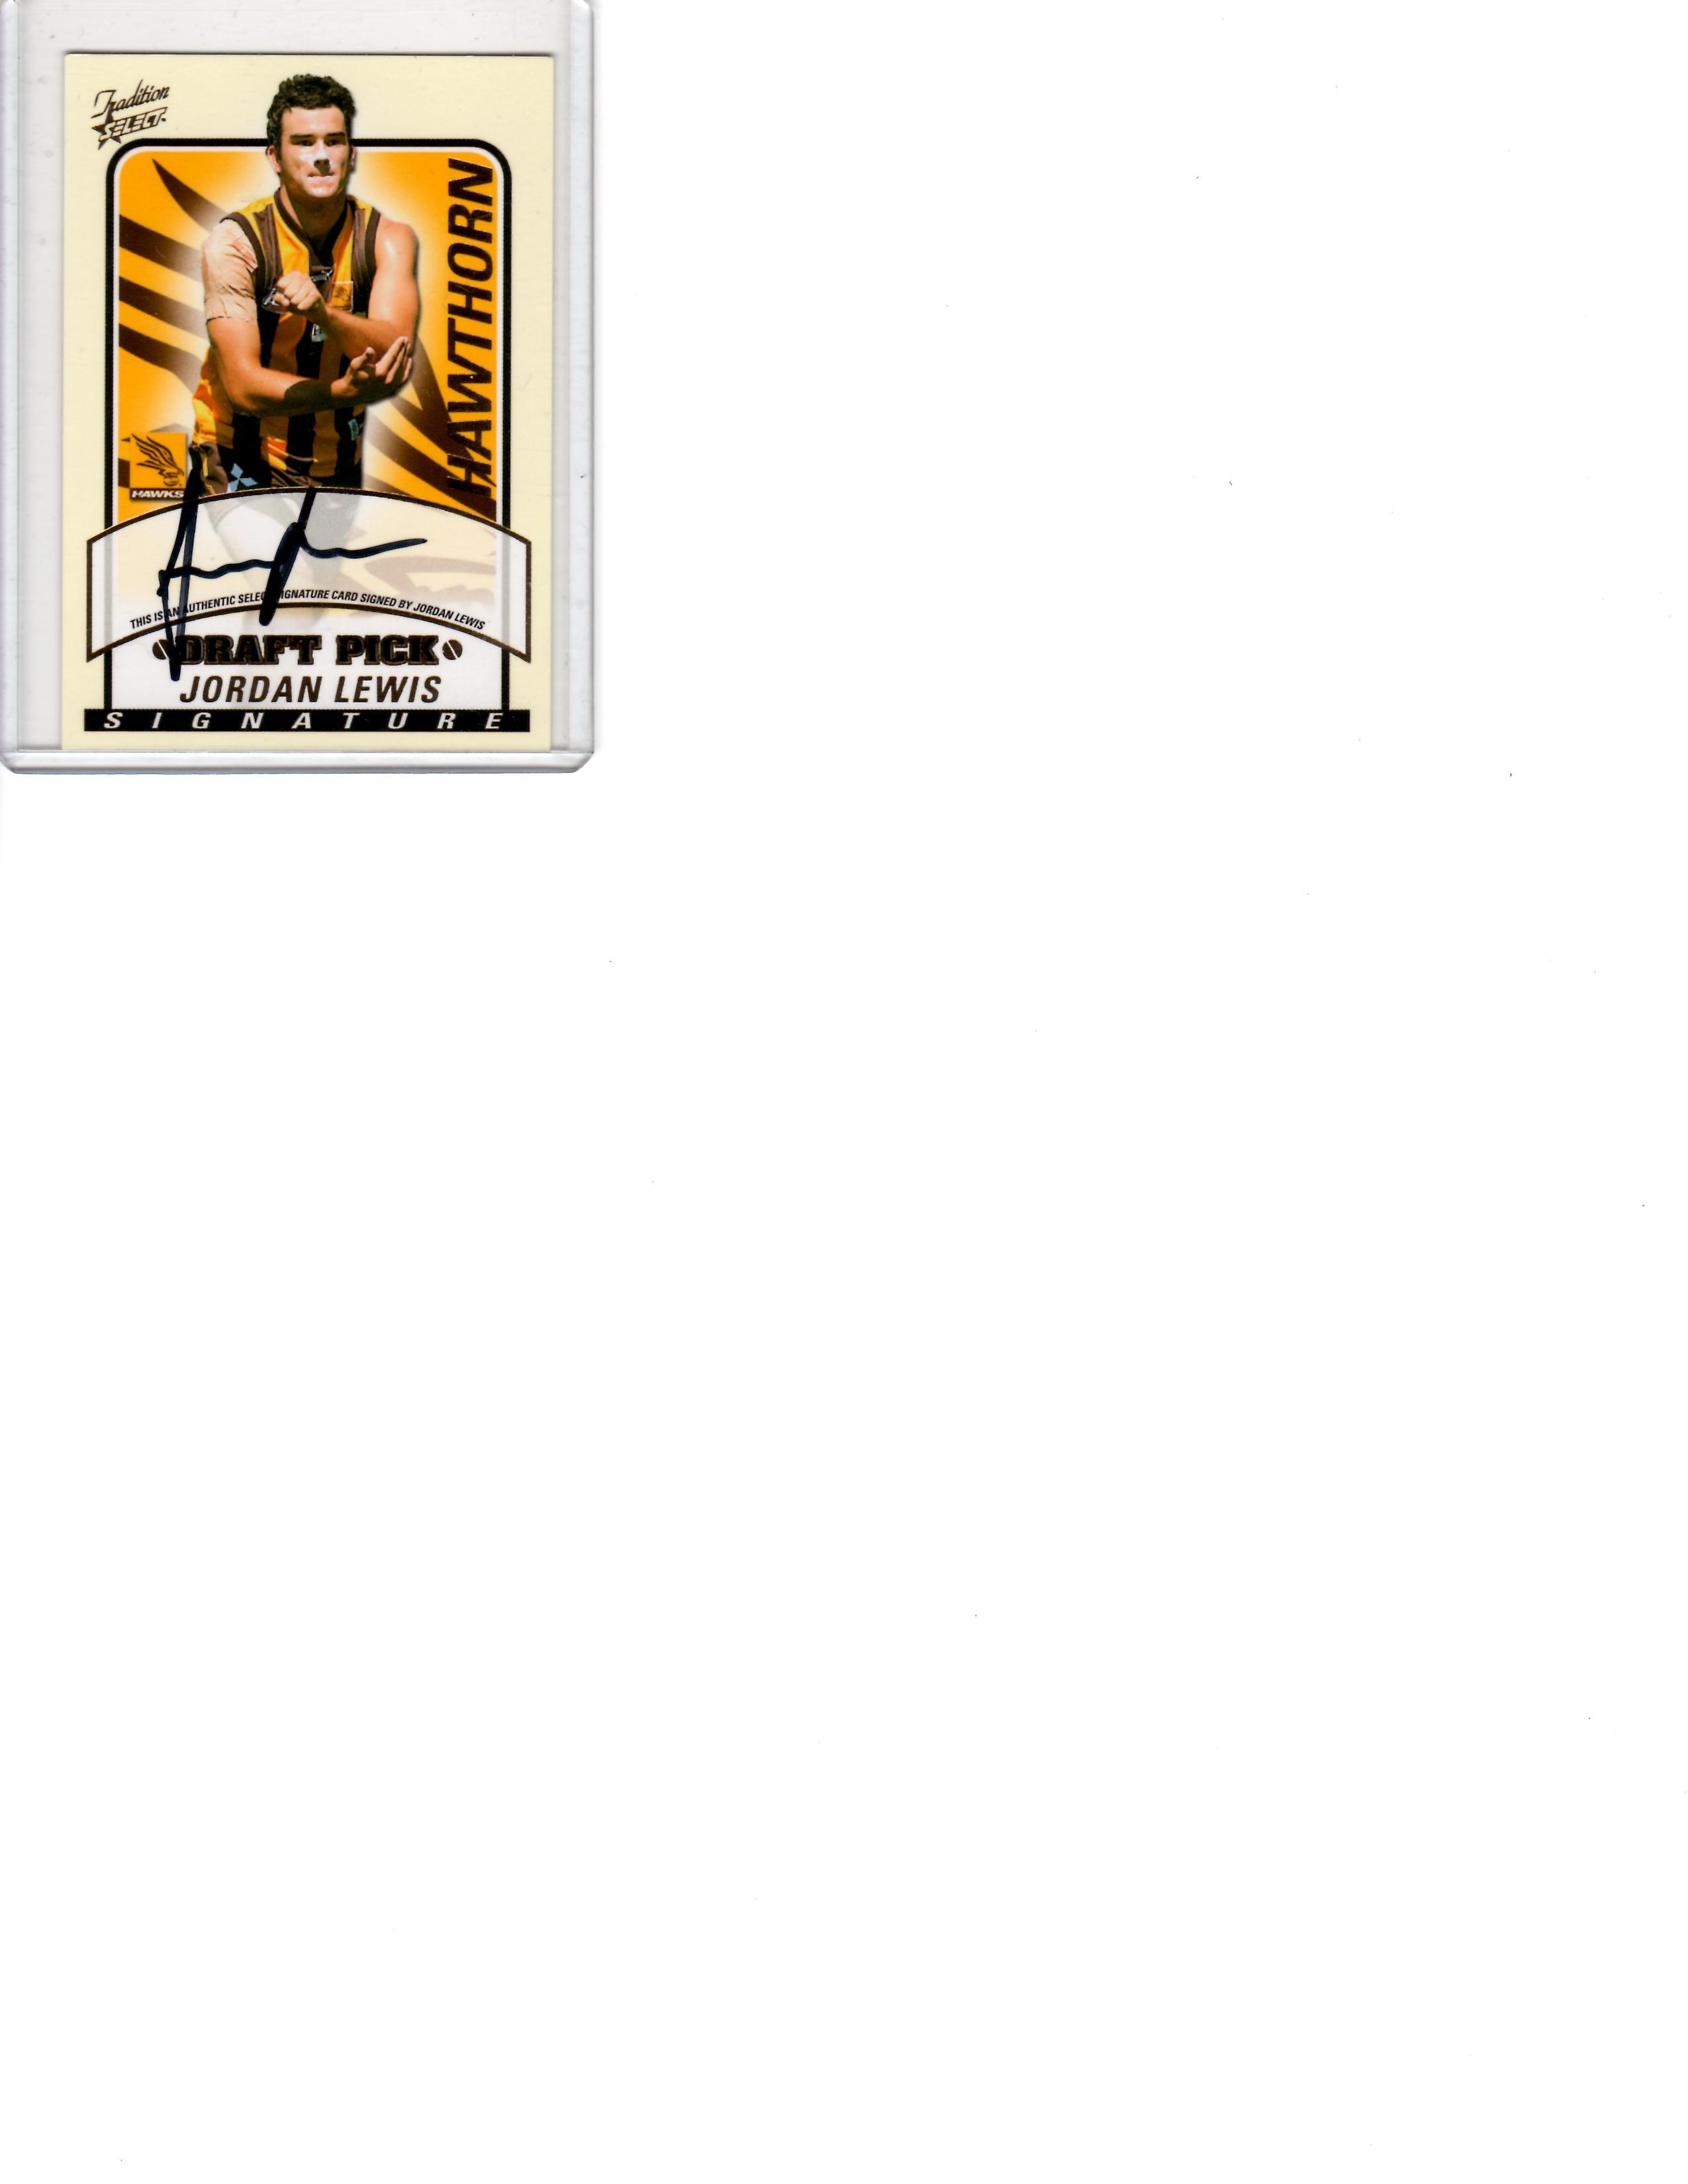 Jordan Lewis 05 Draft Pick sig card